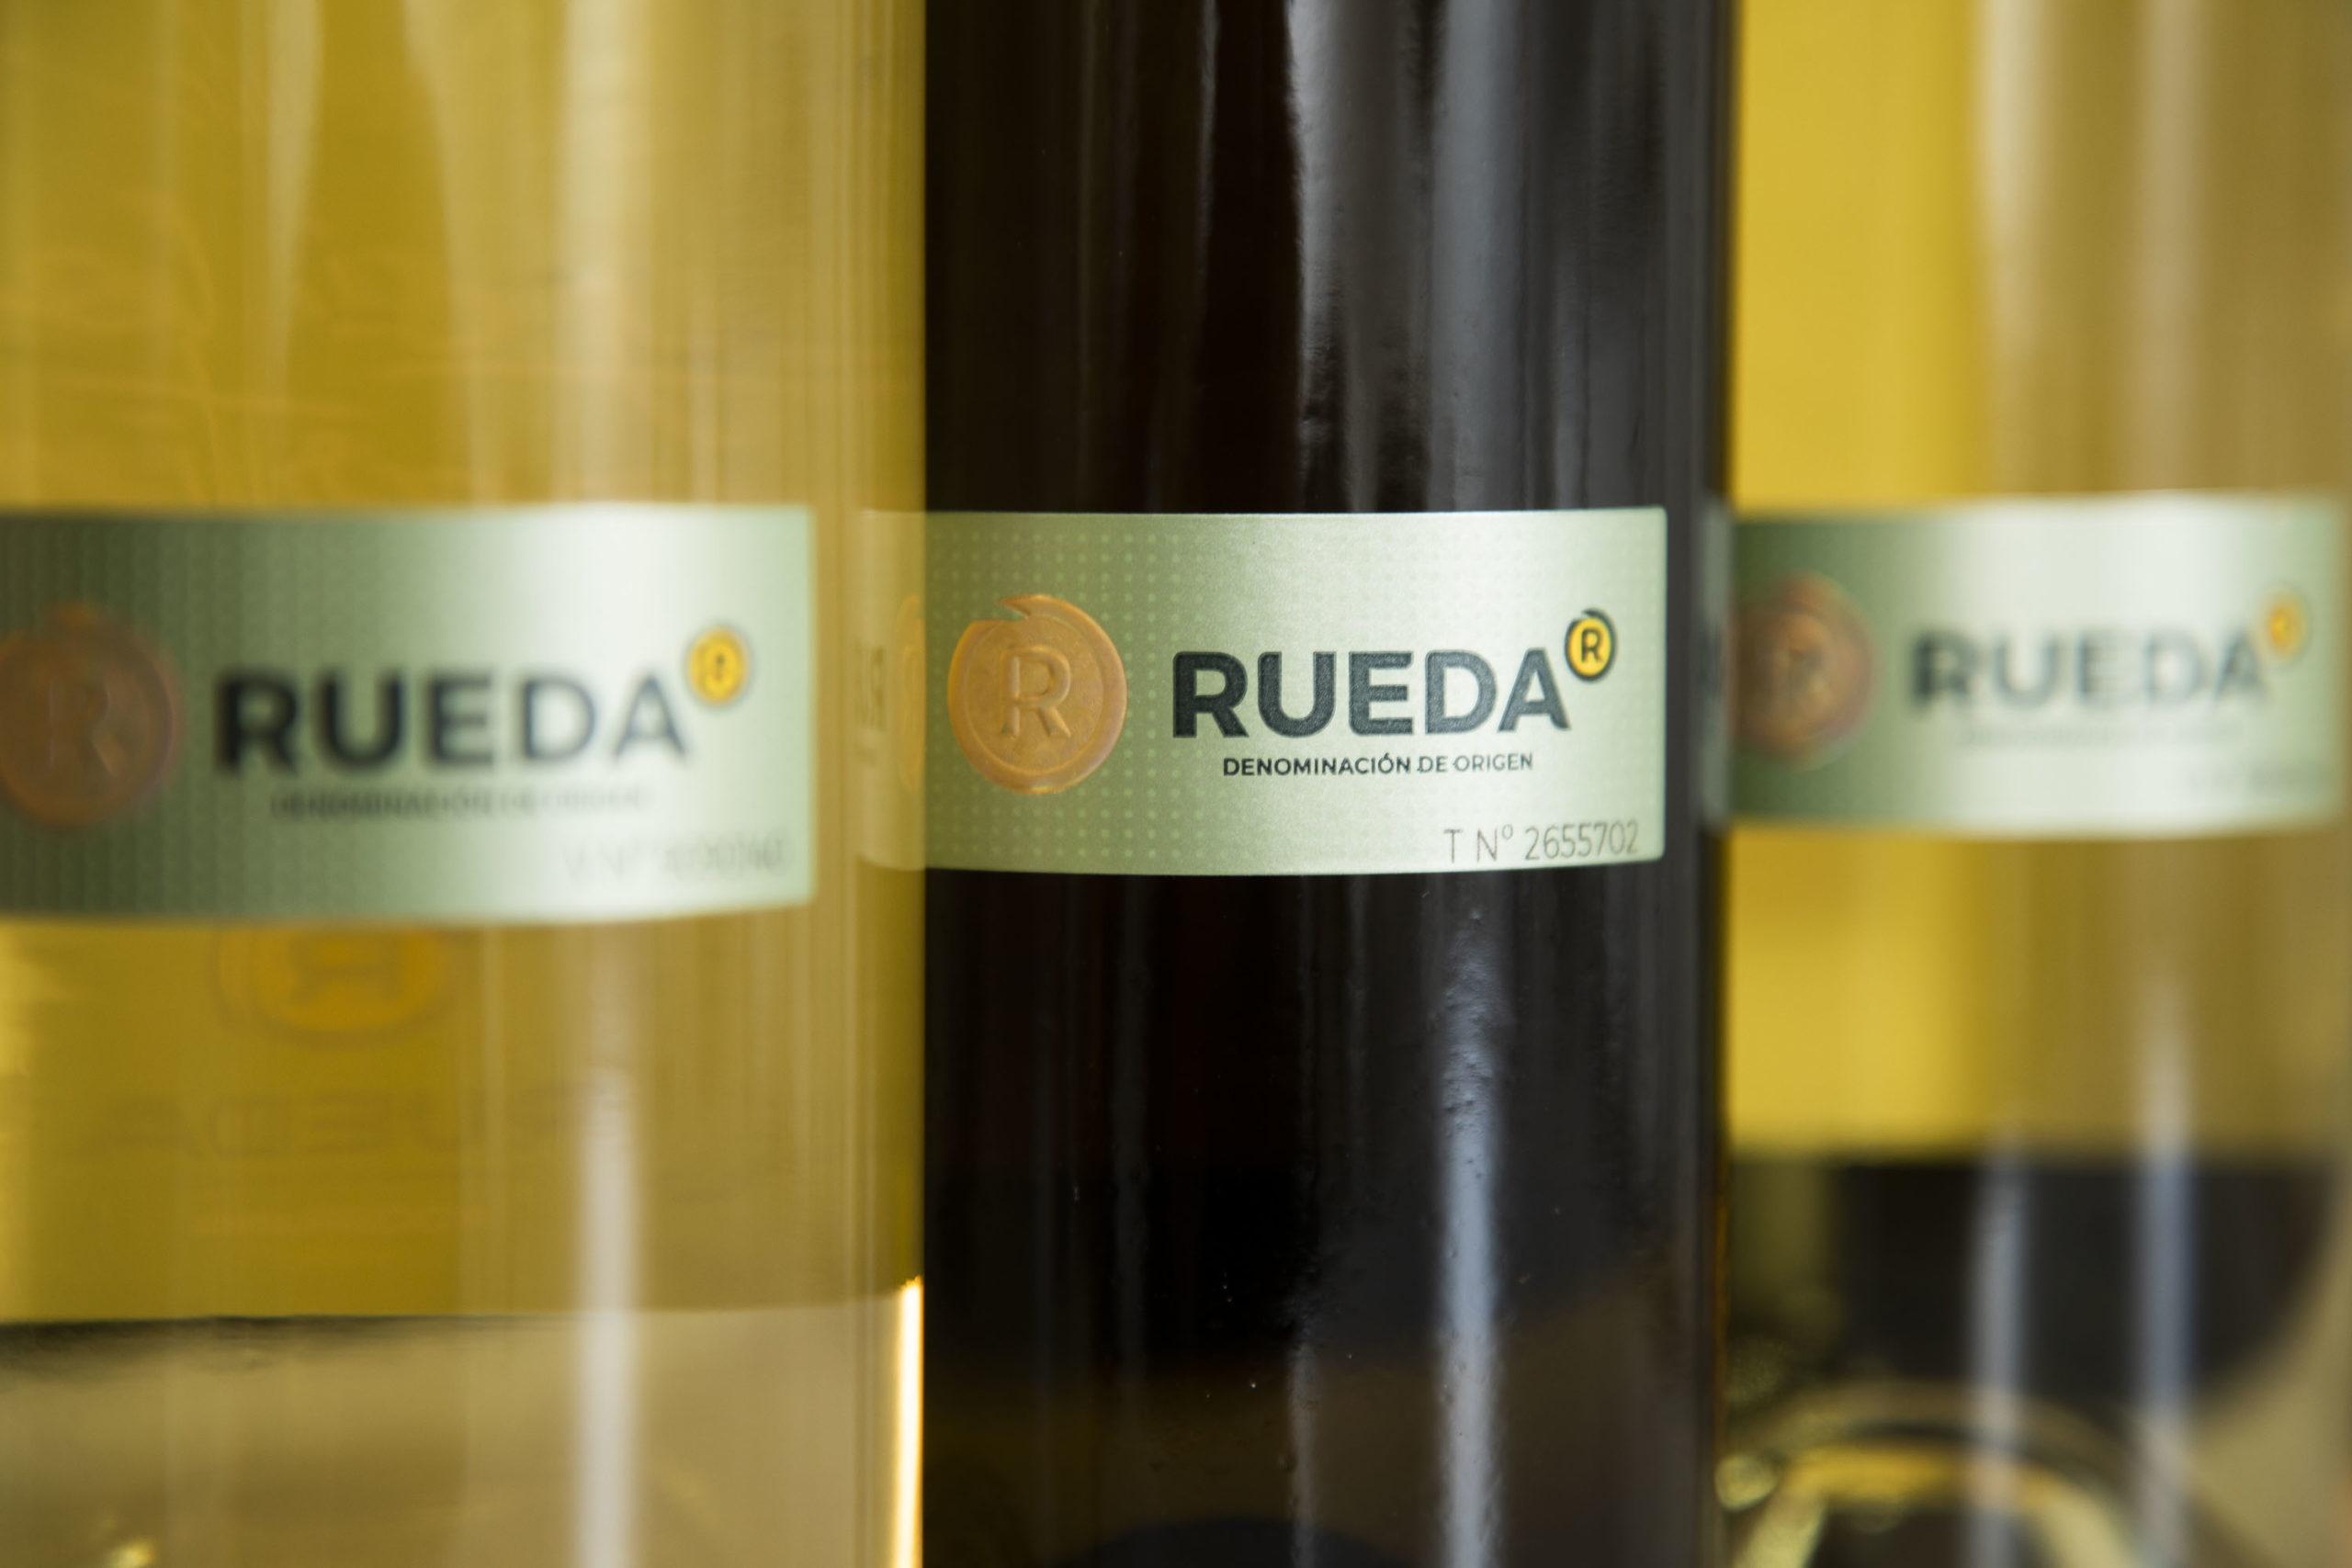 La DO Rueda obtiene la acreditación de ENAC